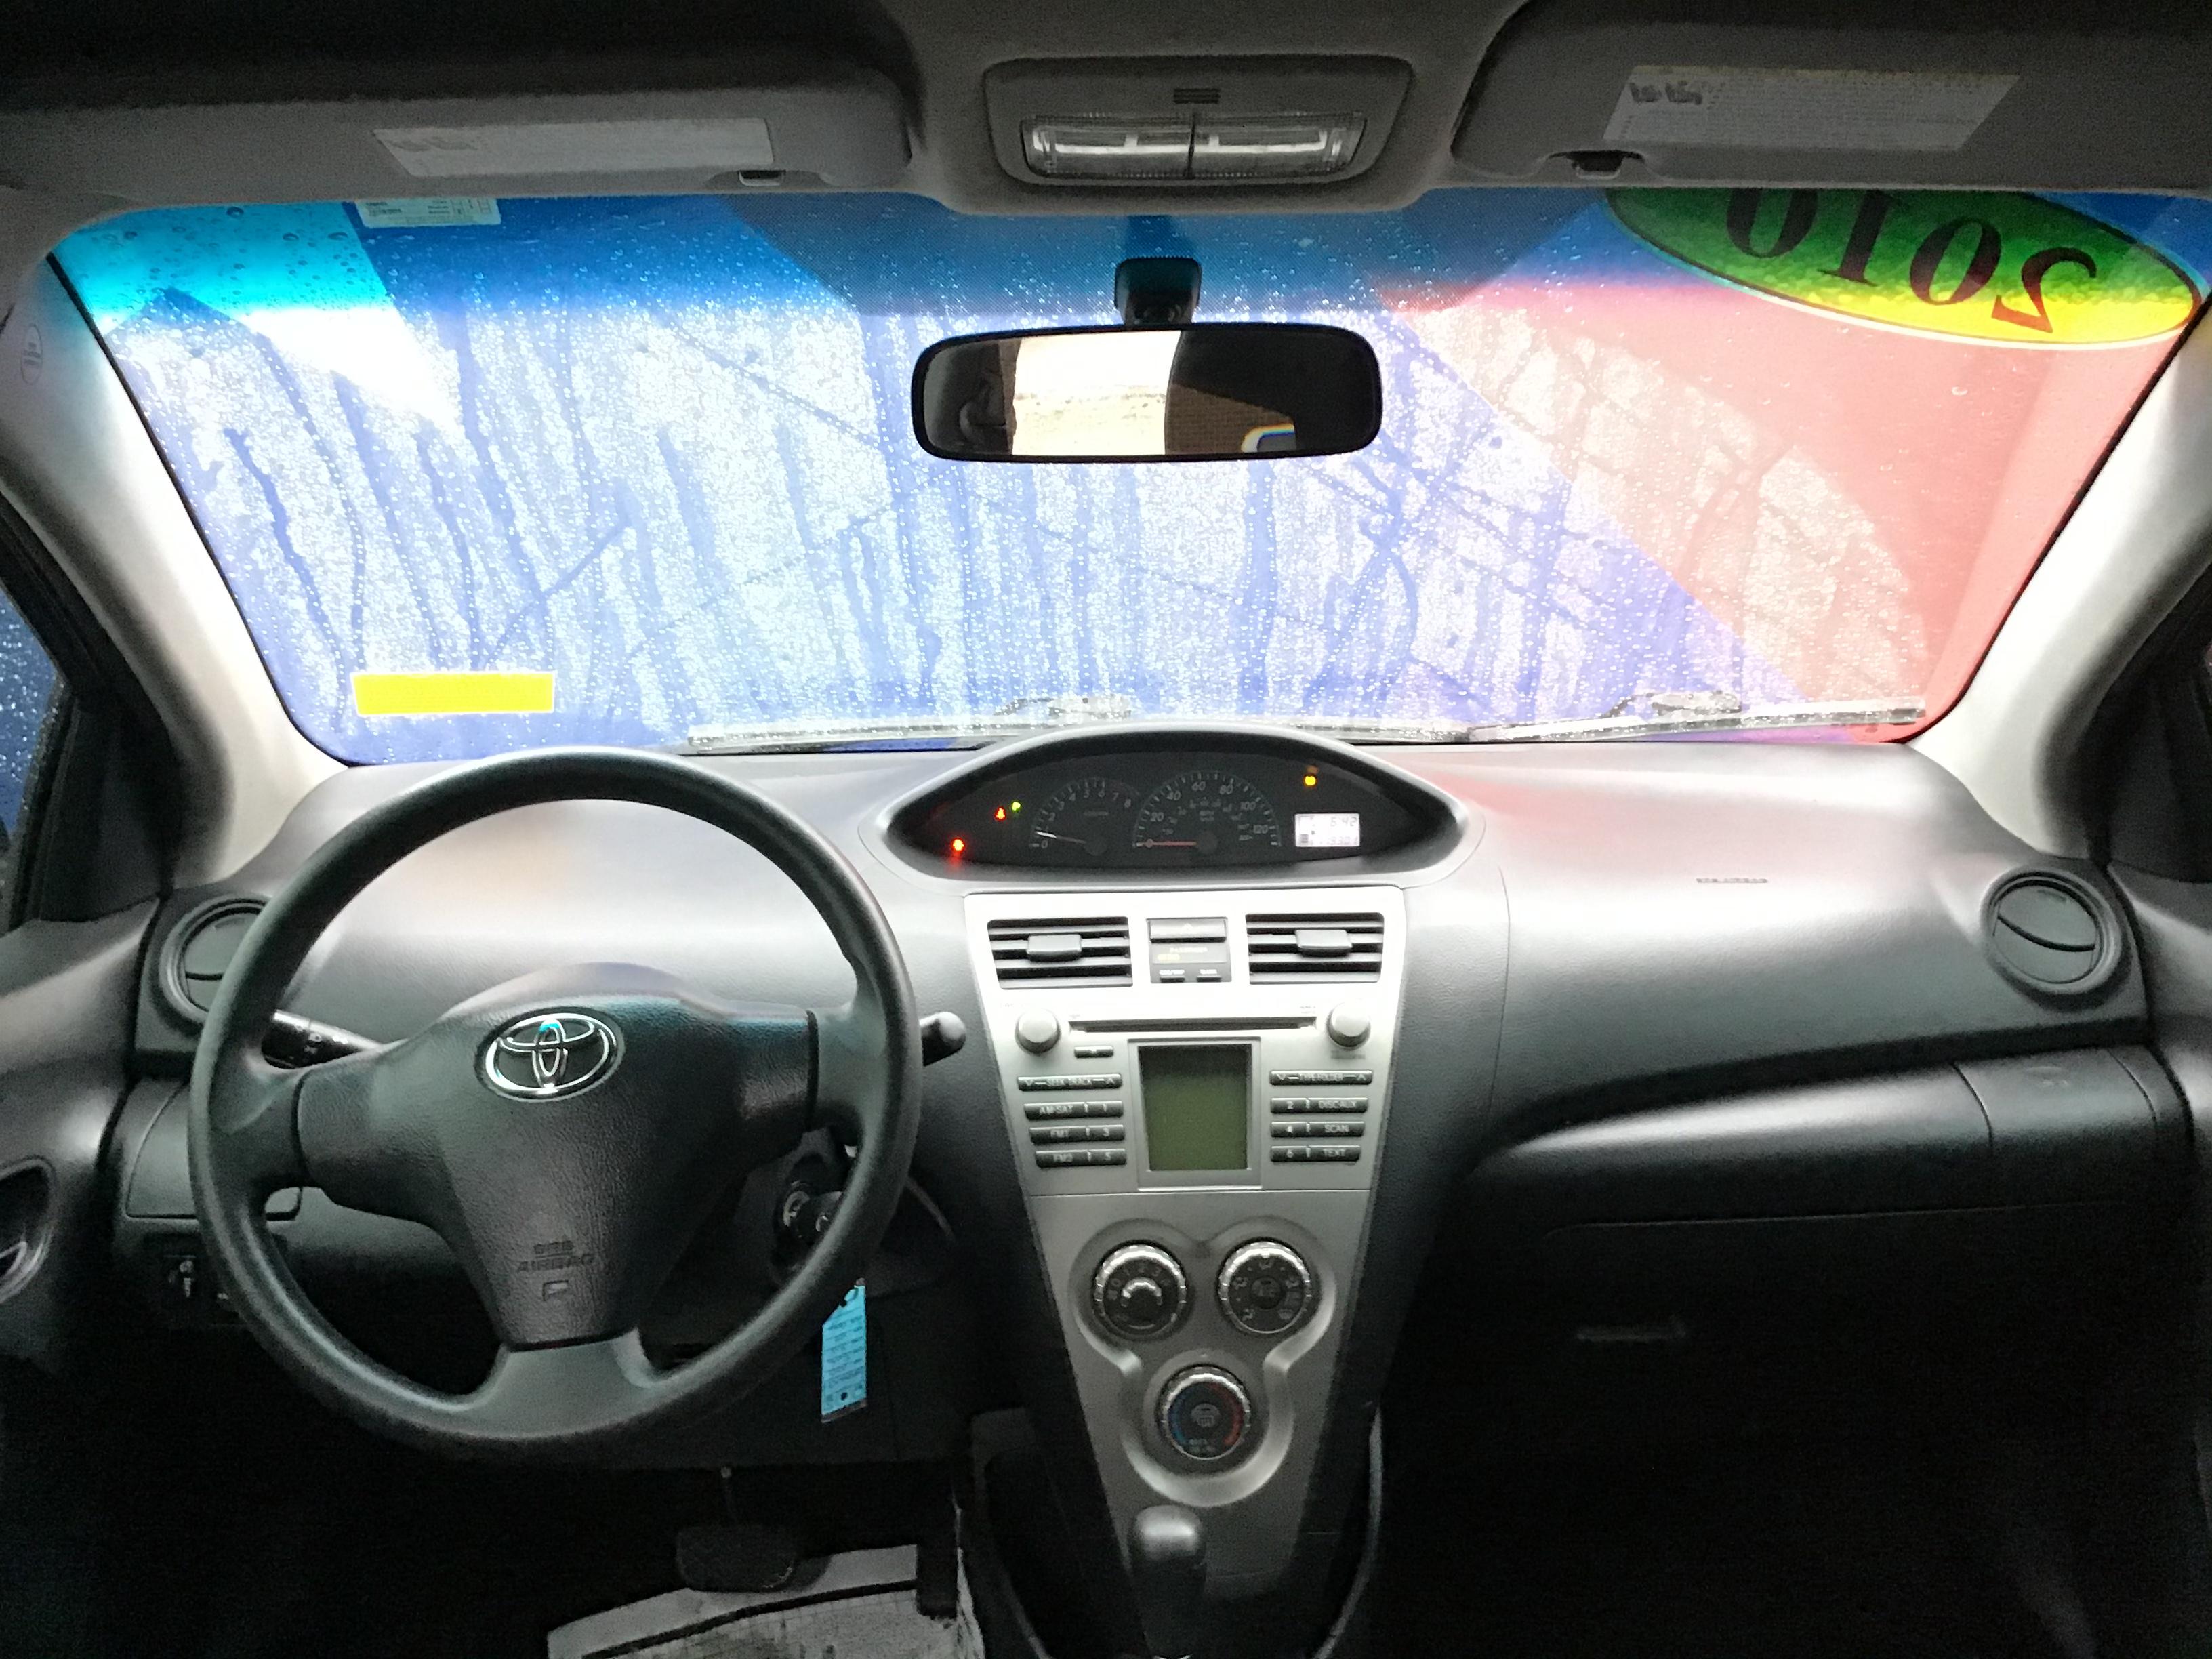 used vehicle - Sedan TOYOTA YARIS 2010